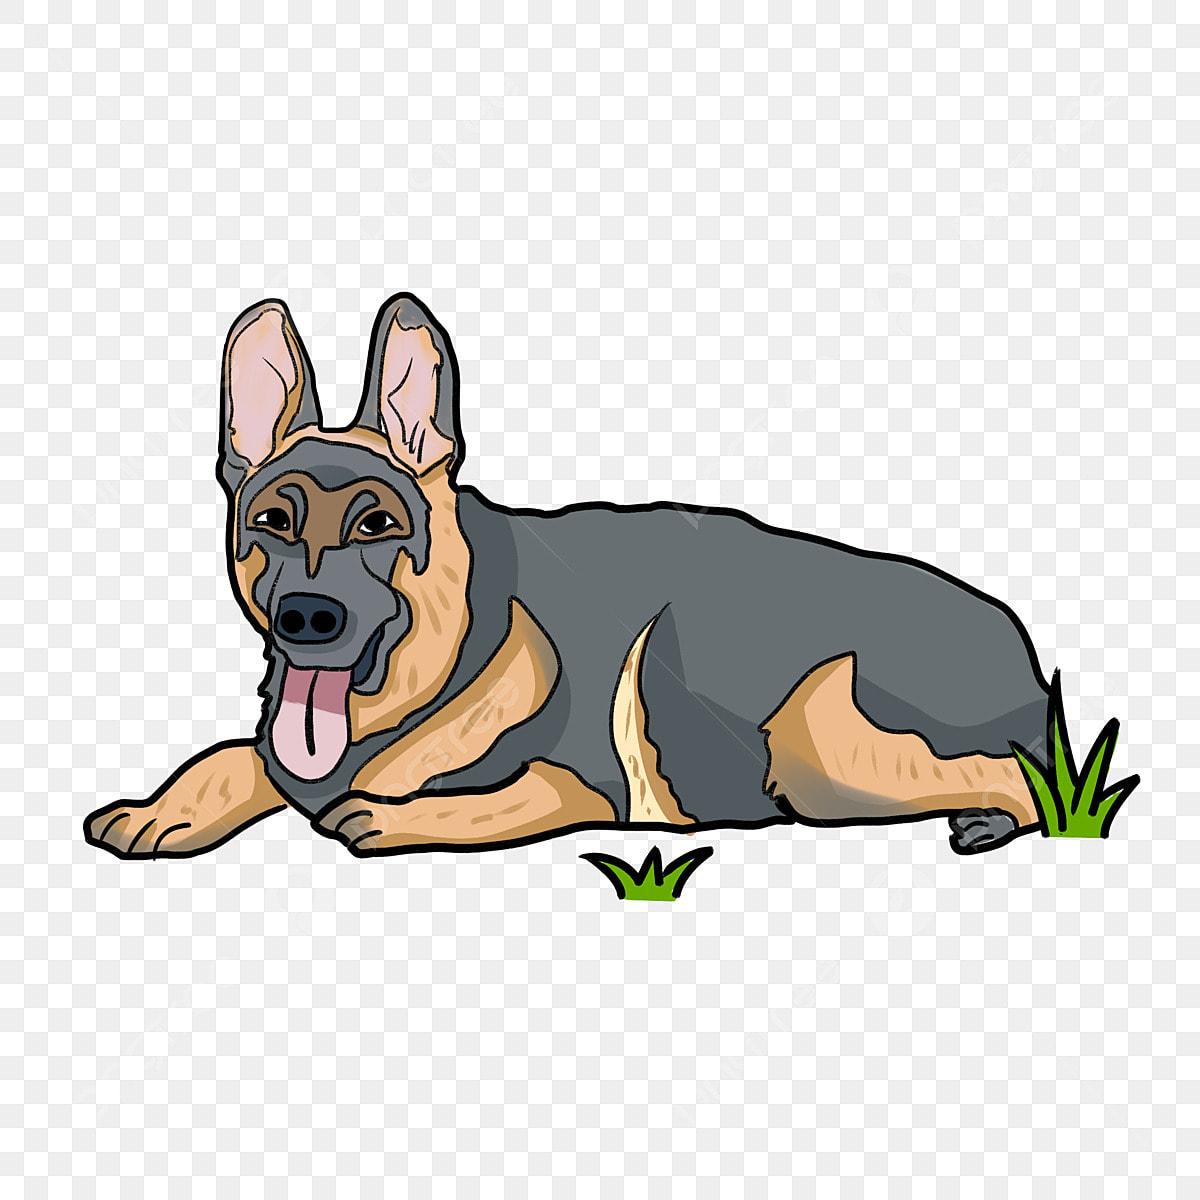 لسان الكلب الأسود الكلاب الكبيرة الكلب الأسود زينة Png وملف Psd